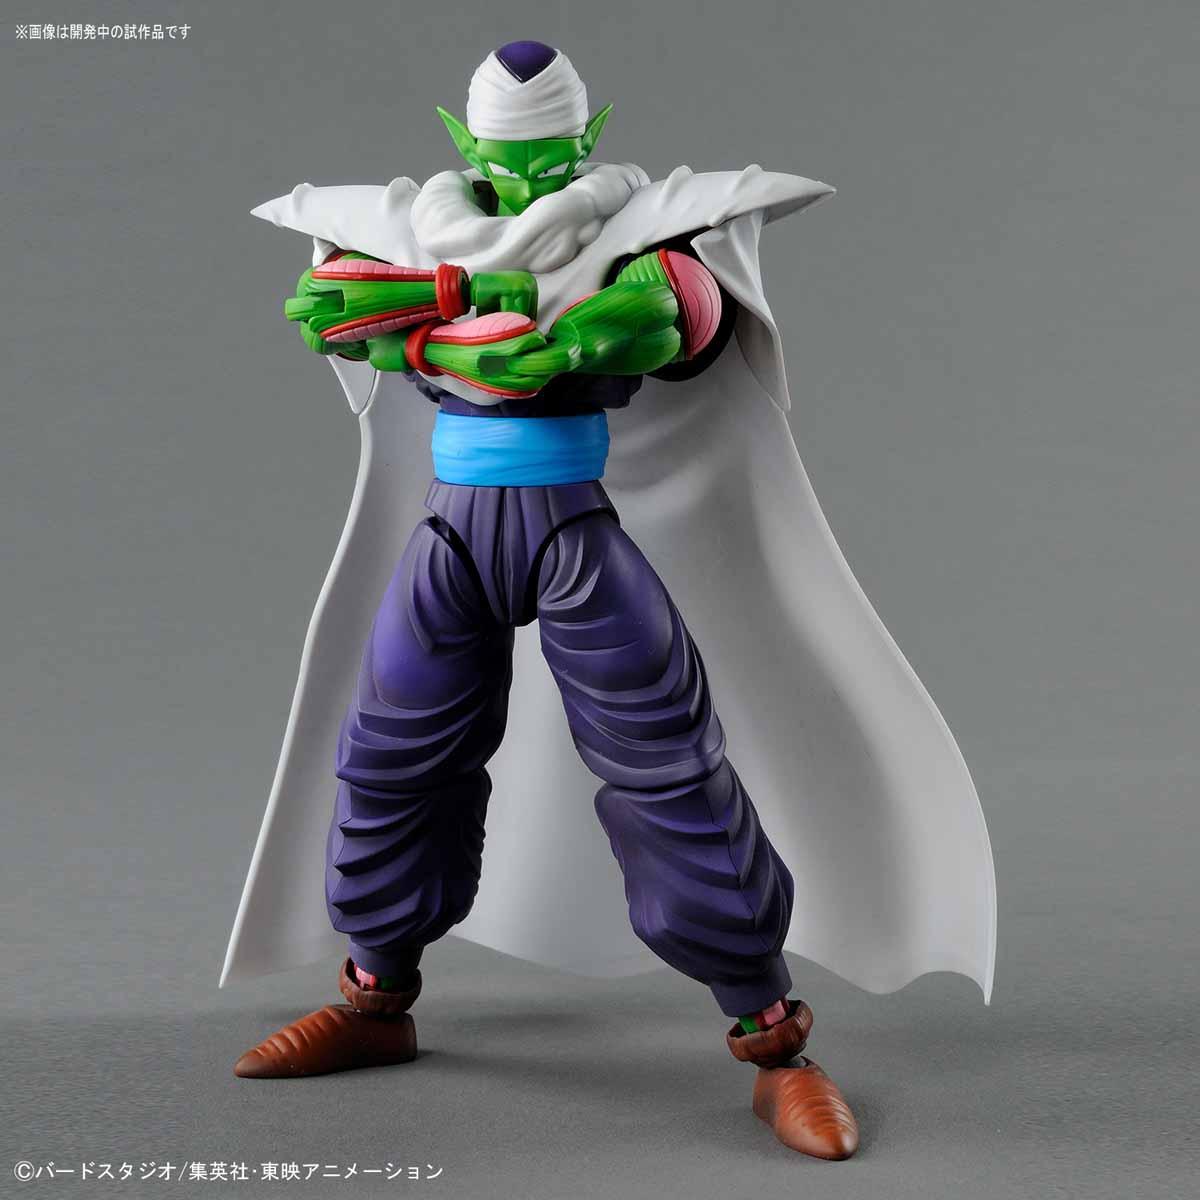 Figurka Dragon Ball FIGURE RISE DBZ PICCOLO